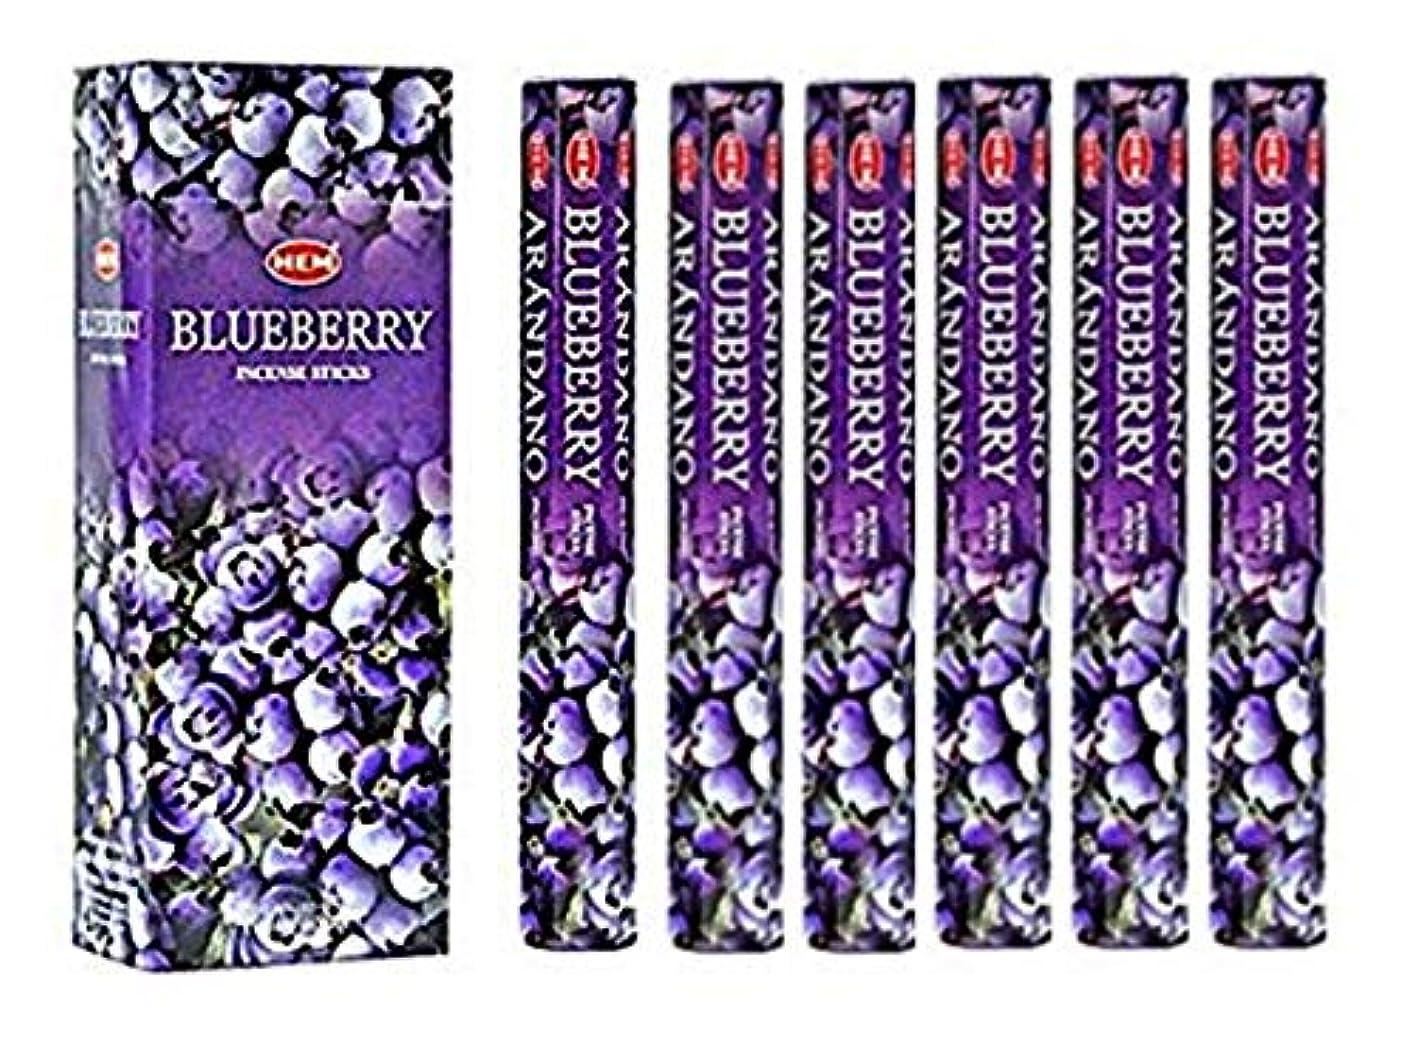 職人領収書迷路Blueberry - Box of Six 20 Stick Tubes, 120 Sticks Total - HEM Incense by HEM 6 Pack 20 Stick